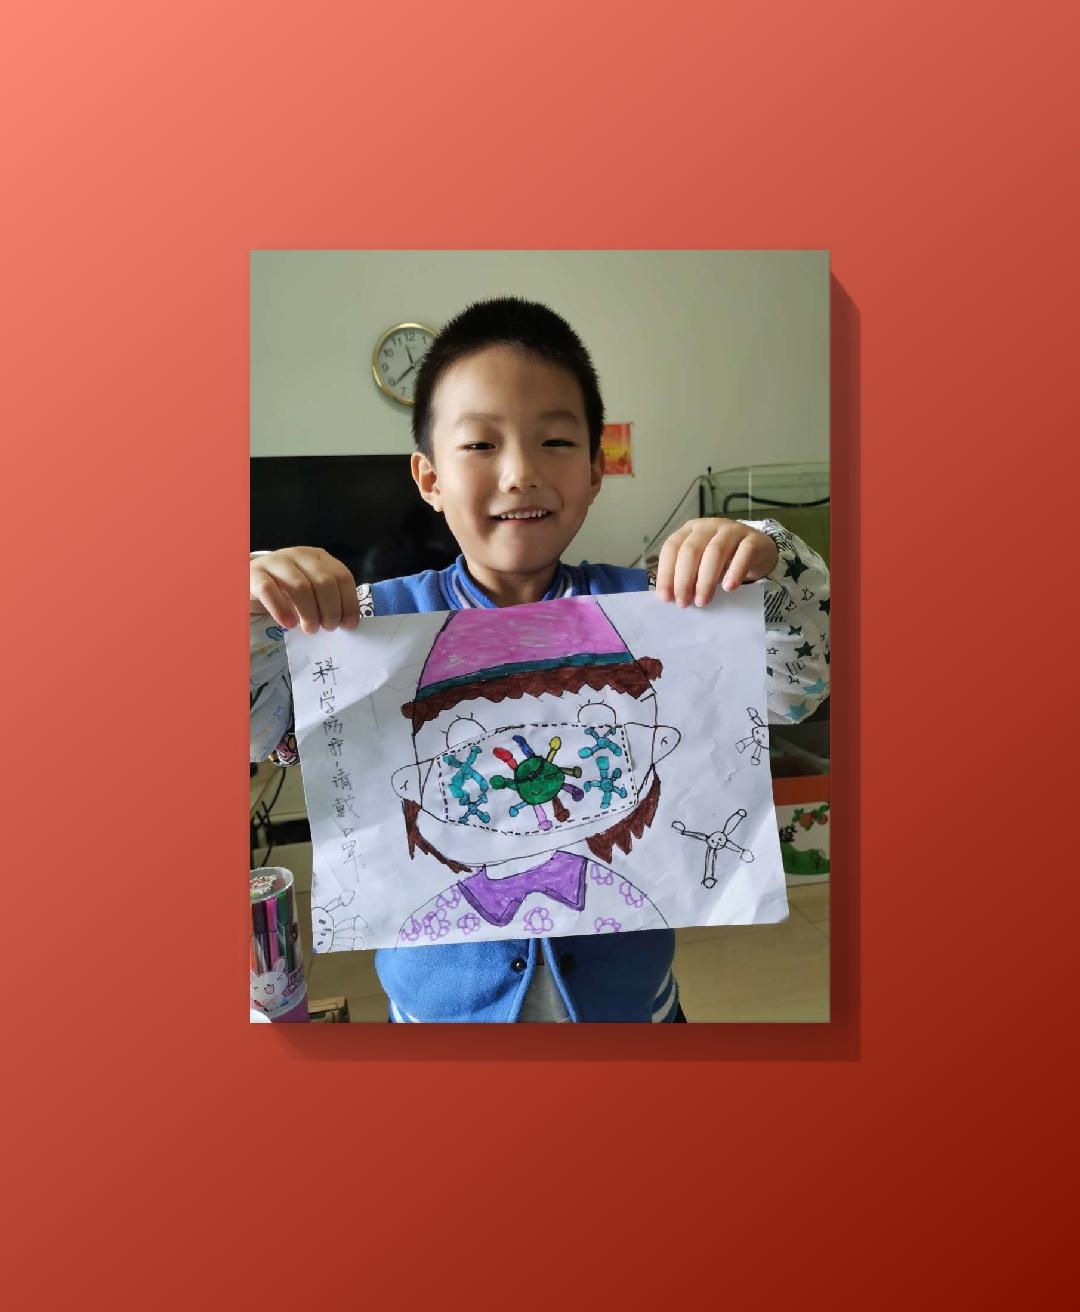 小童大作画画第三期-水果拼盘-5-7岁